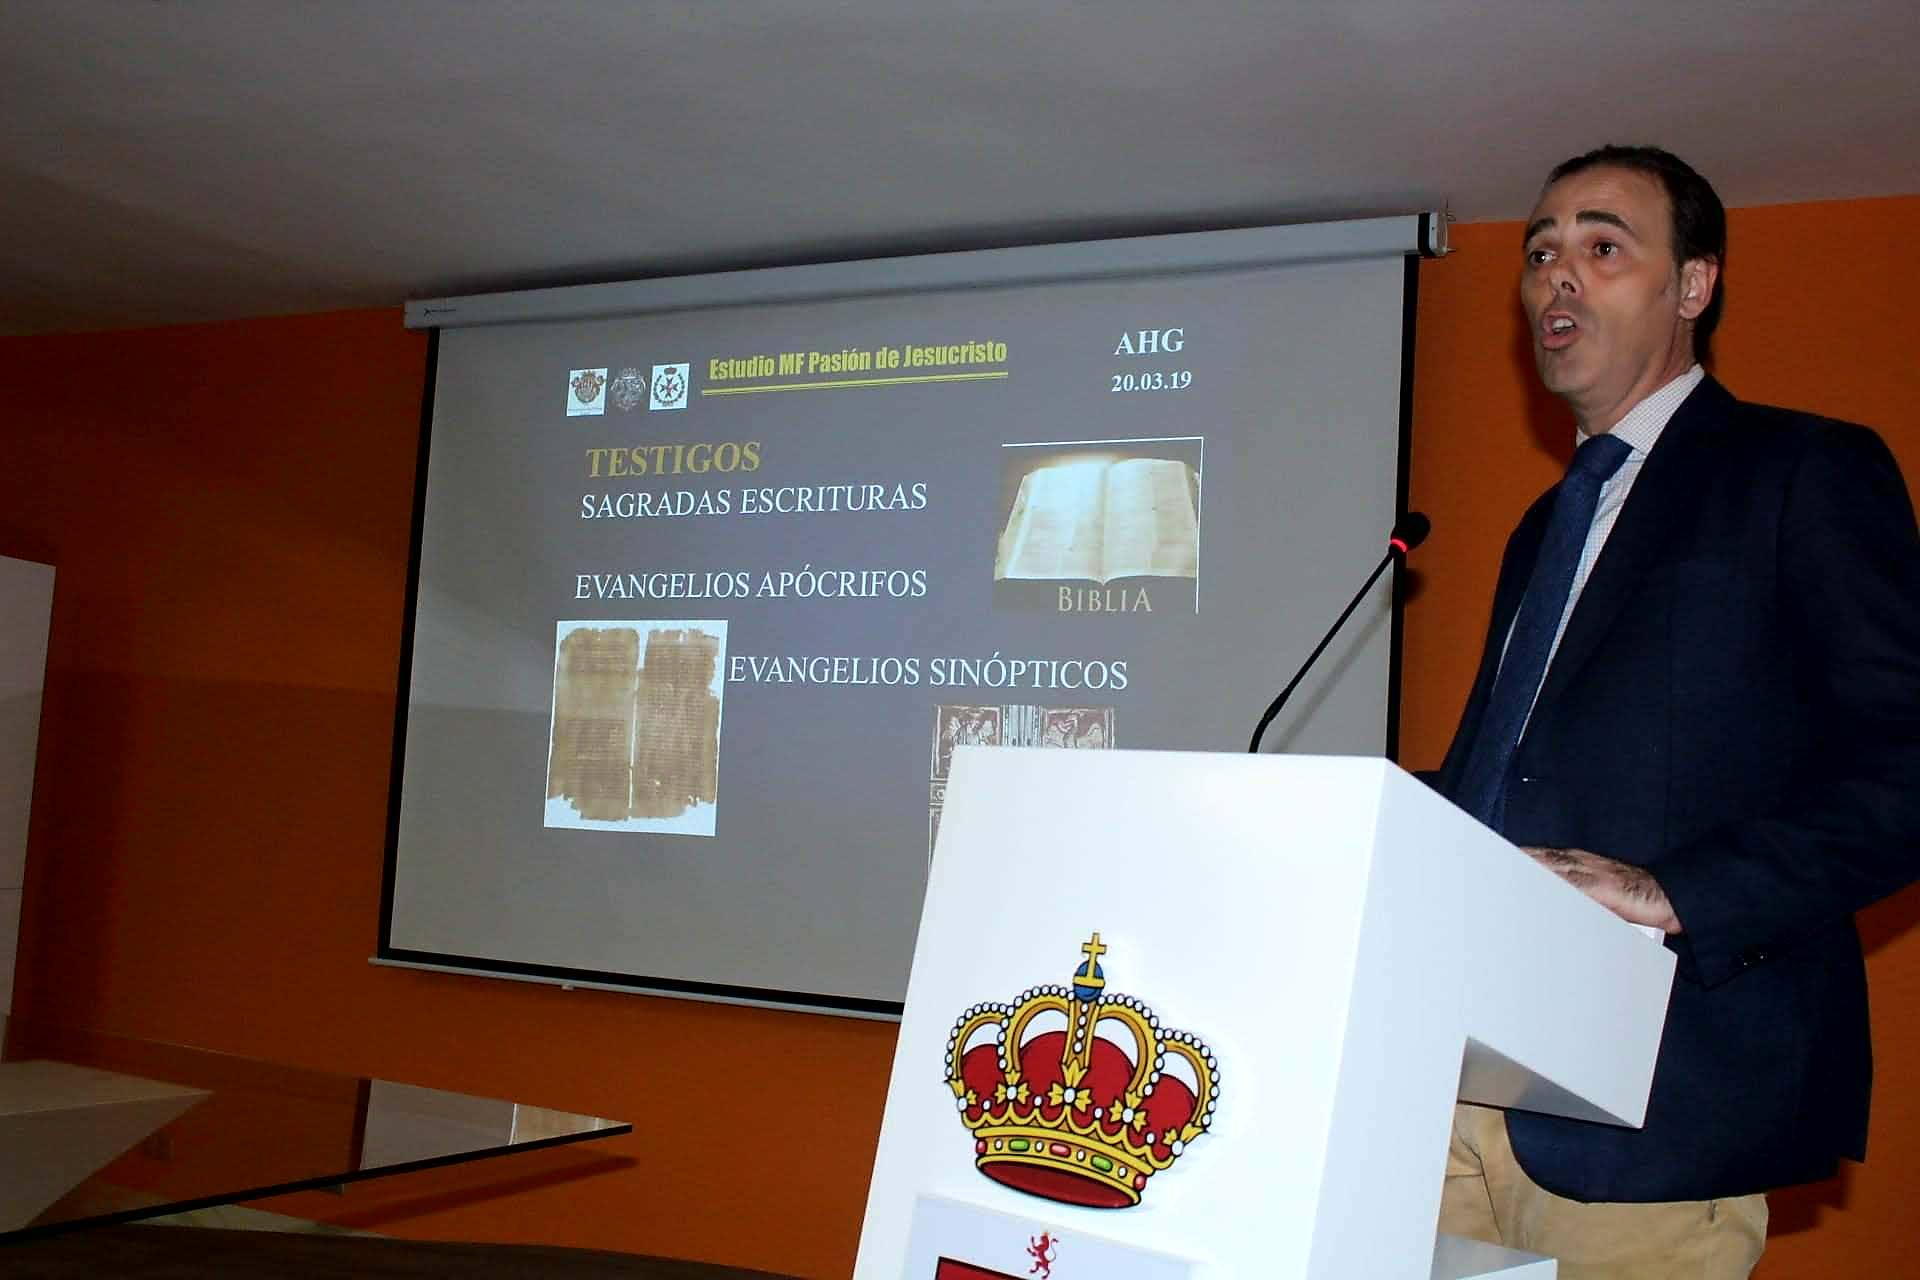 El forense Ángel Hernández dijo que Jesús sufrió «de una forma incalificable»